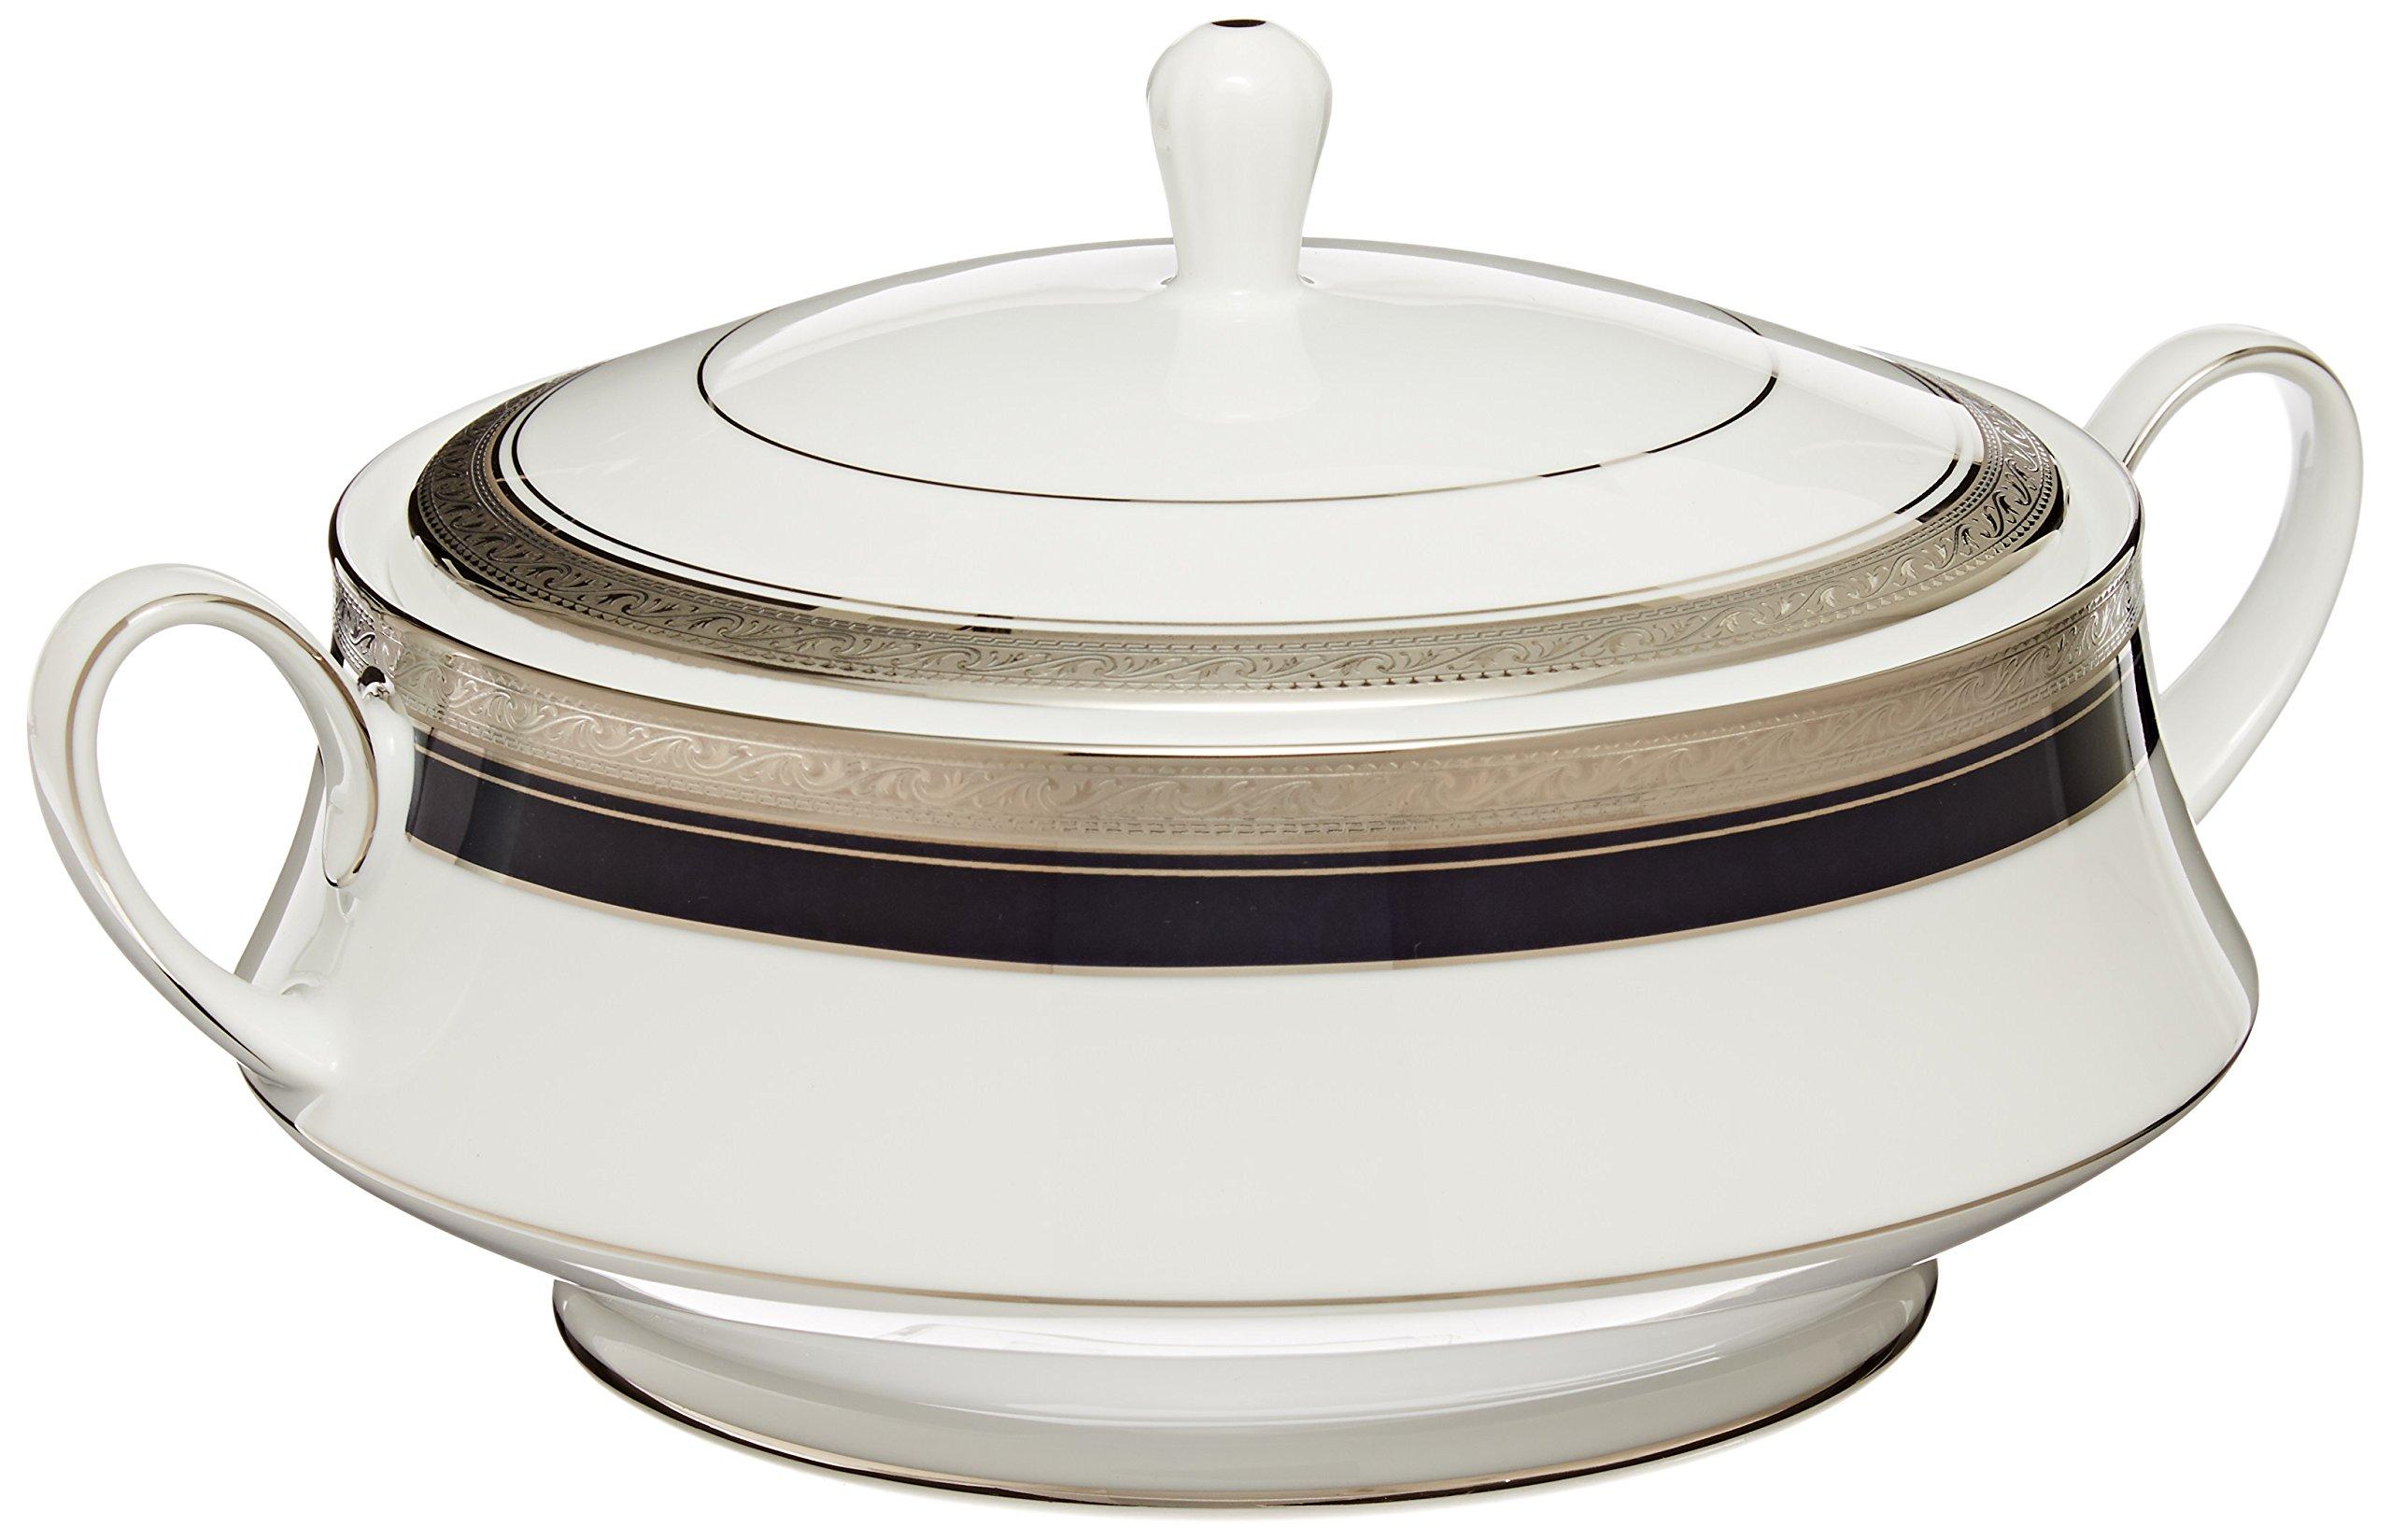 Noritake Crestwood Cobalt Platinum Covered Vegetable Bowl